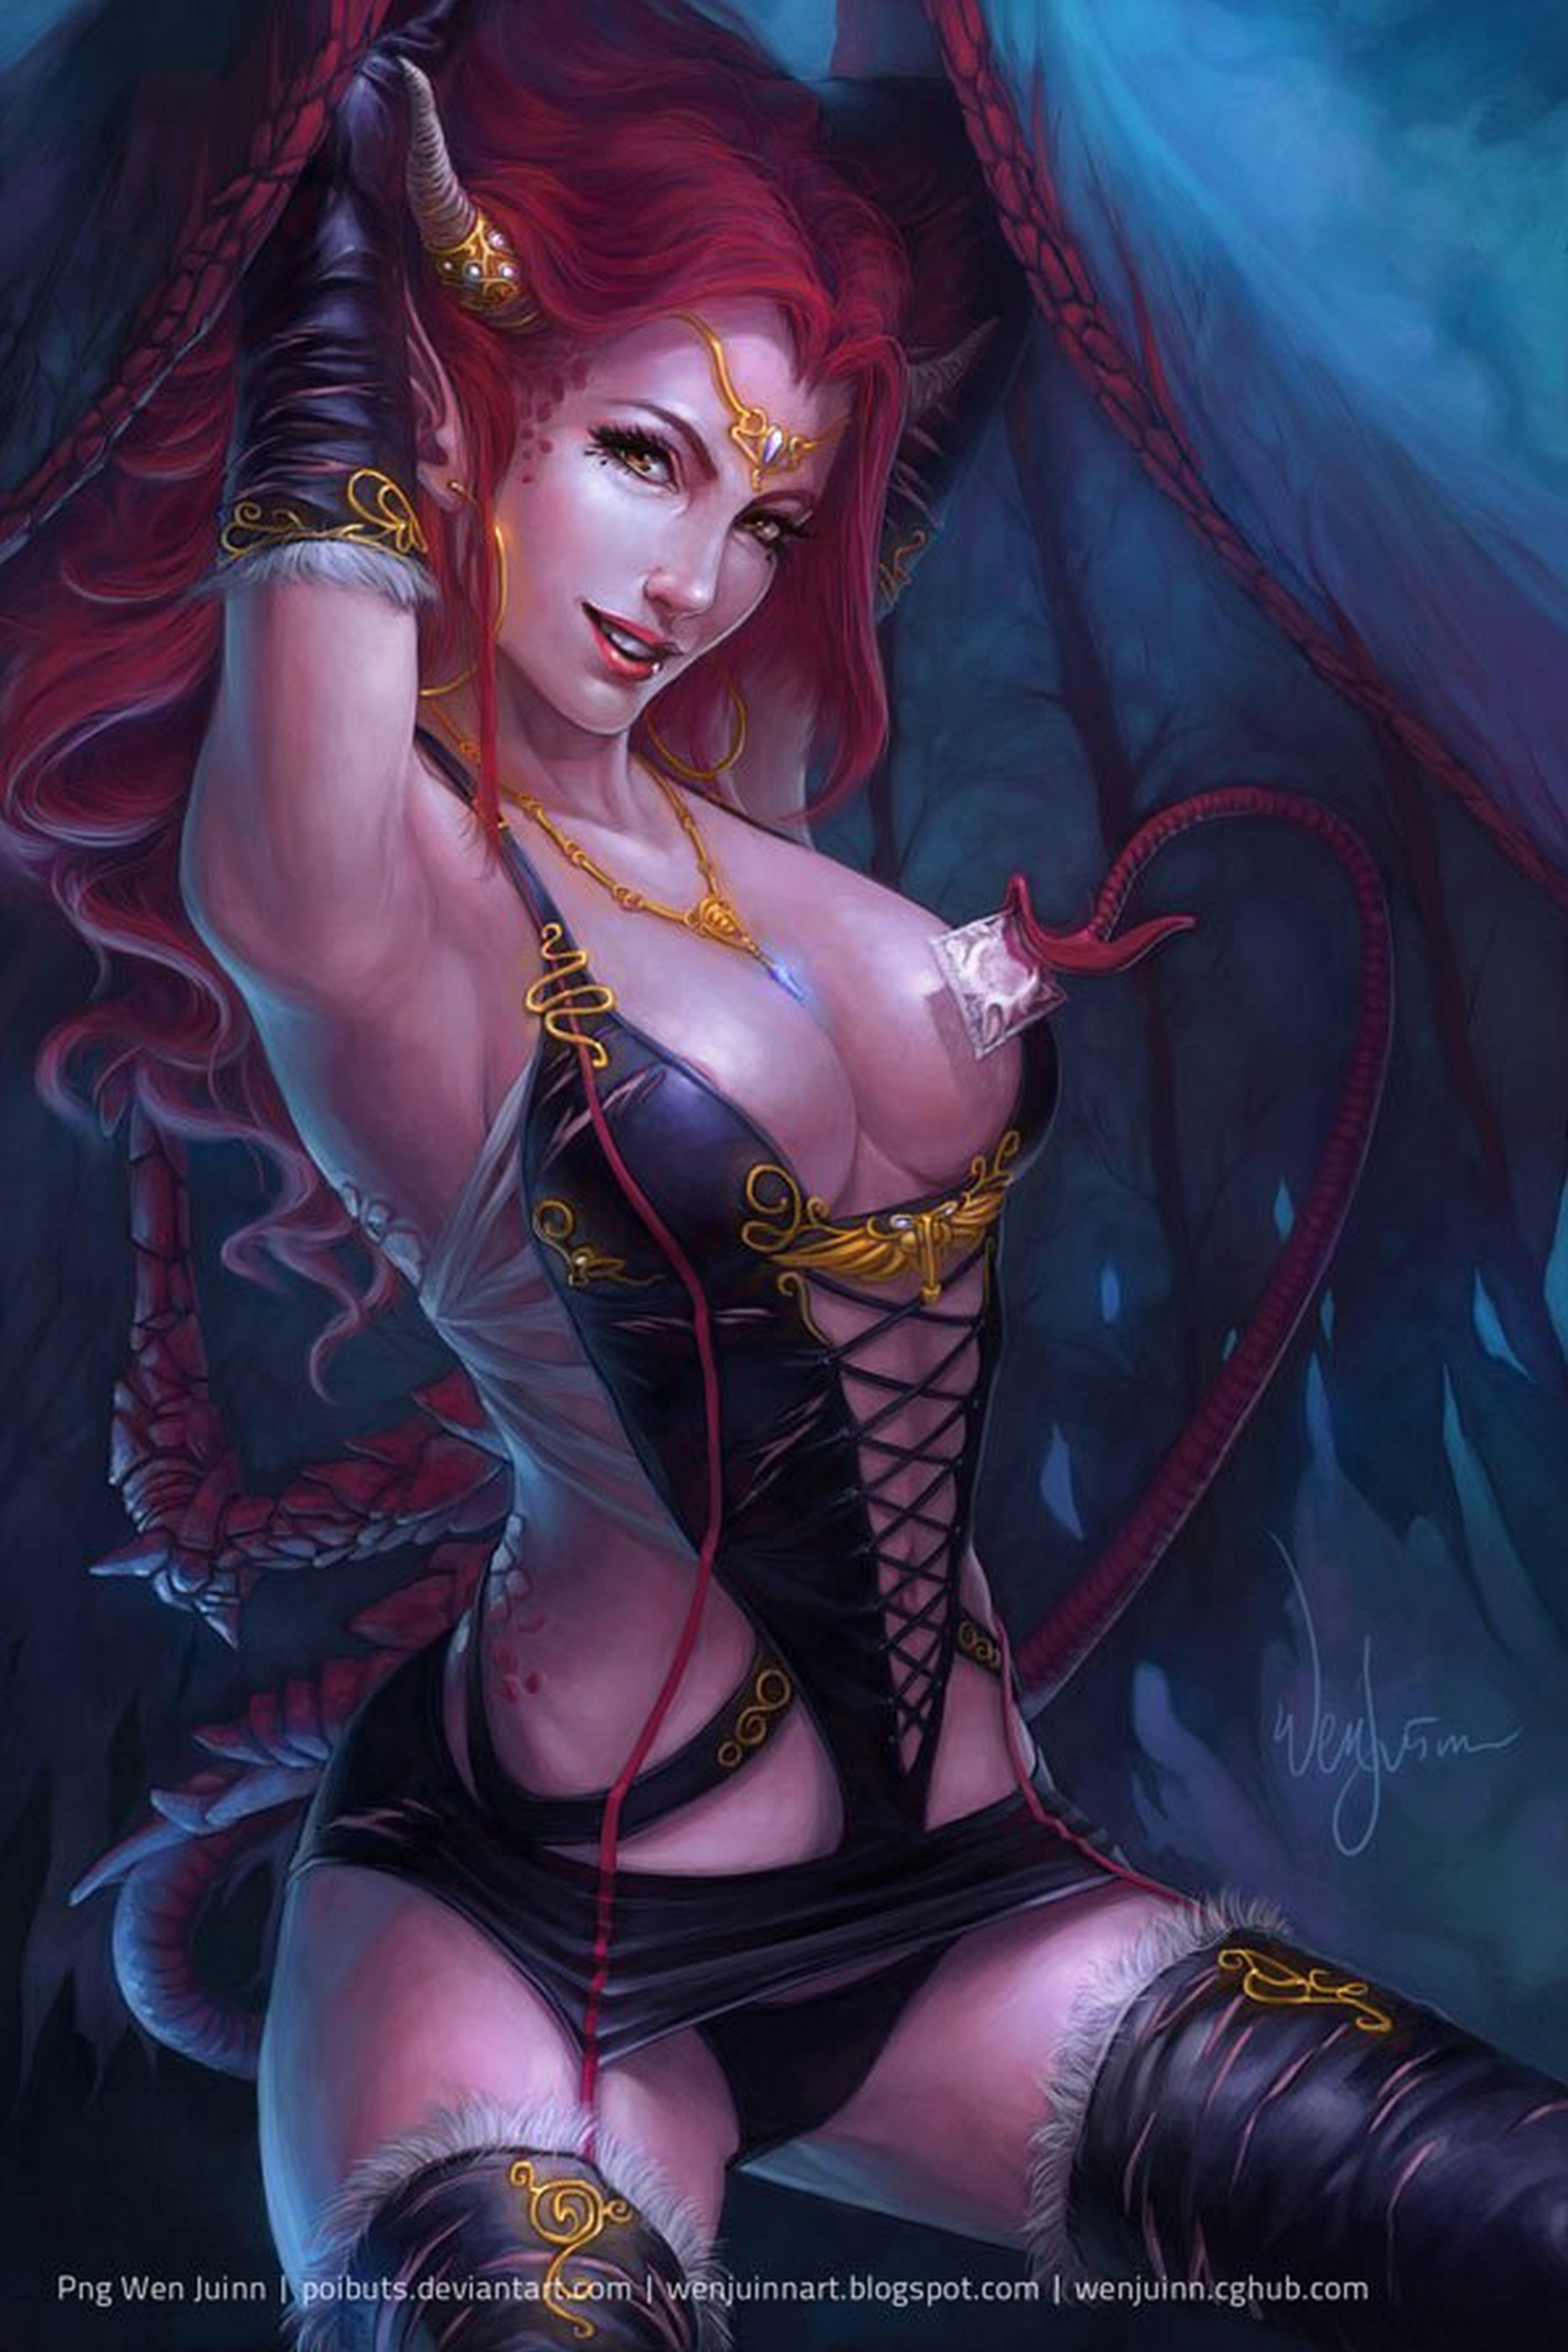 Redhead fantasy art sex nude curly sluts